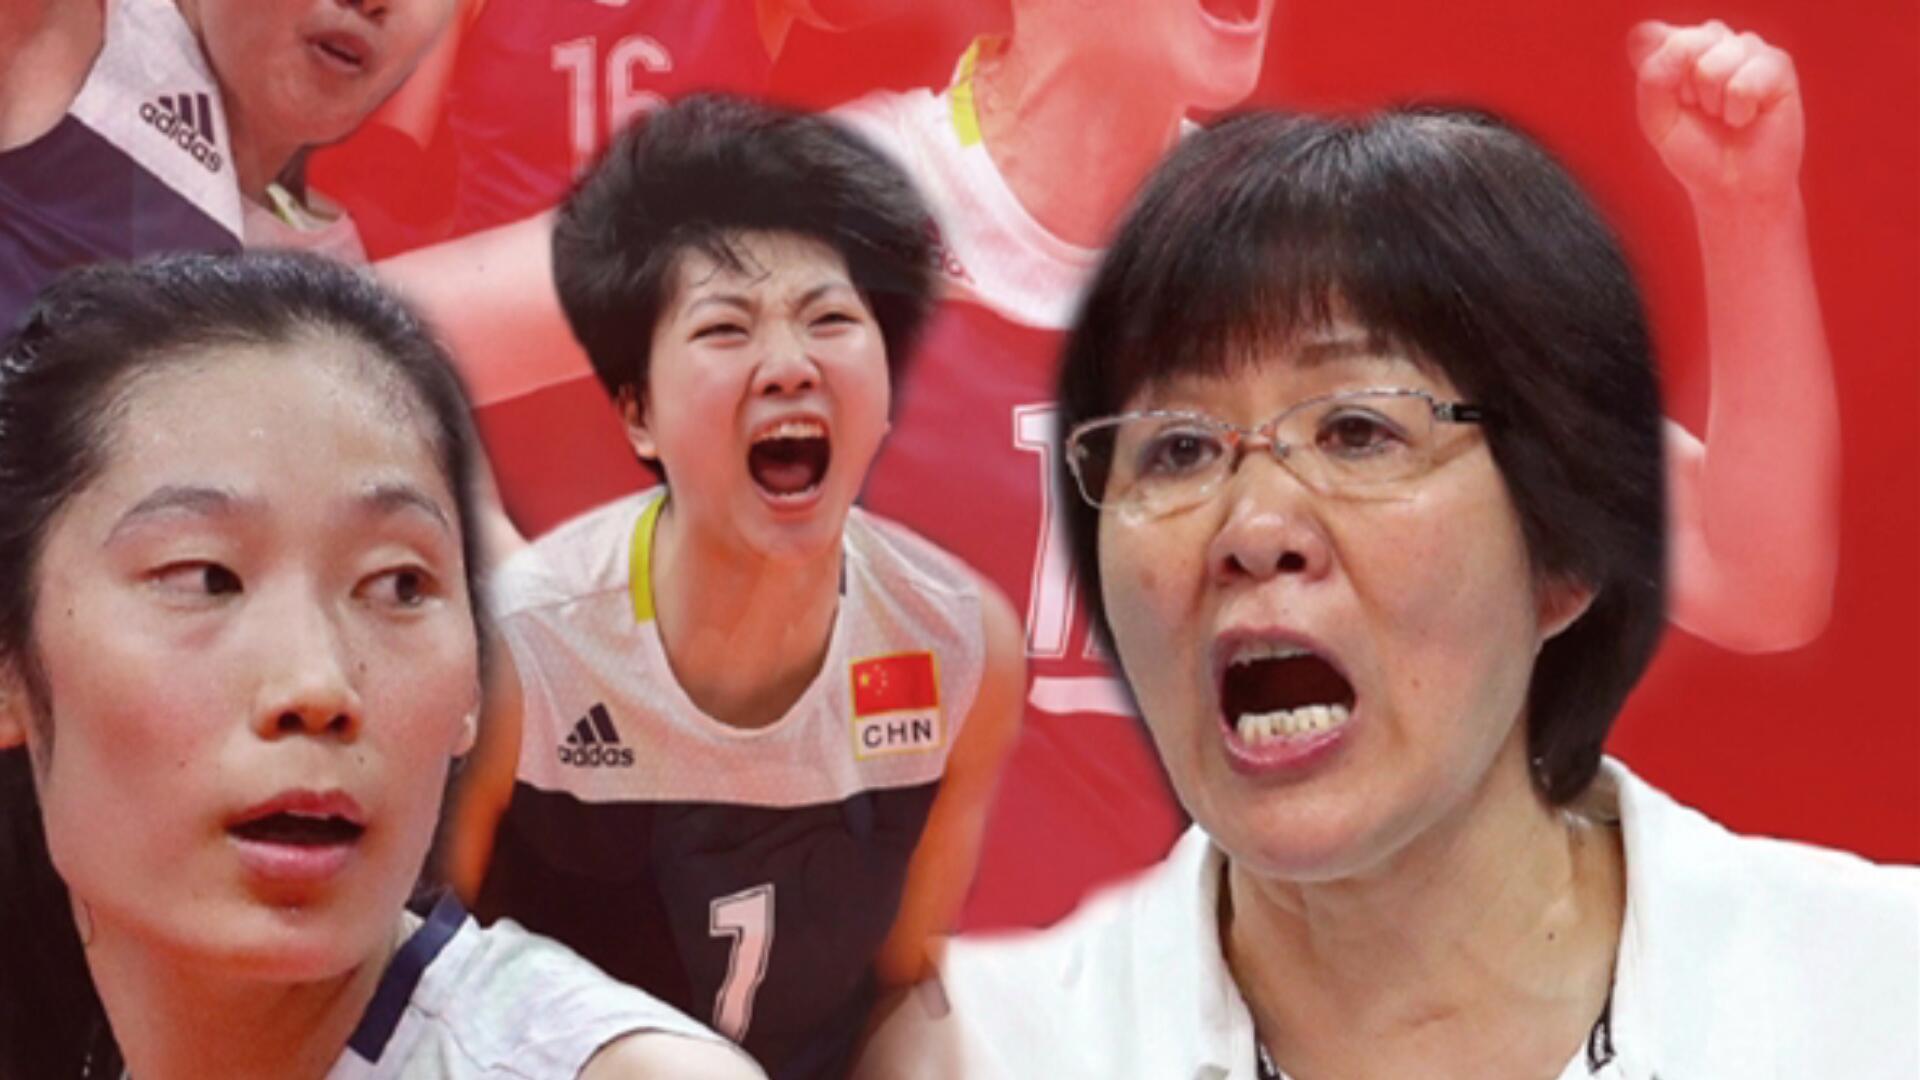 郎平打排球原因曝光:竟然是源于打篮球的姐姐